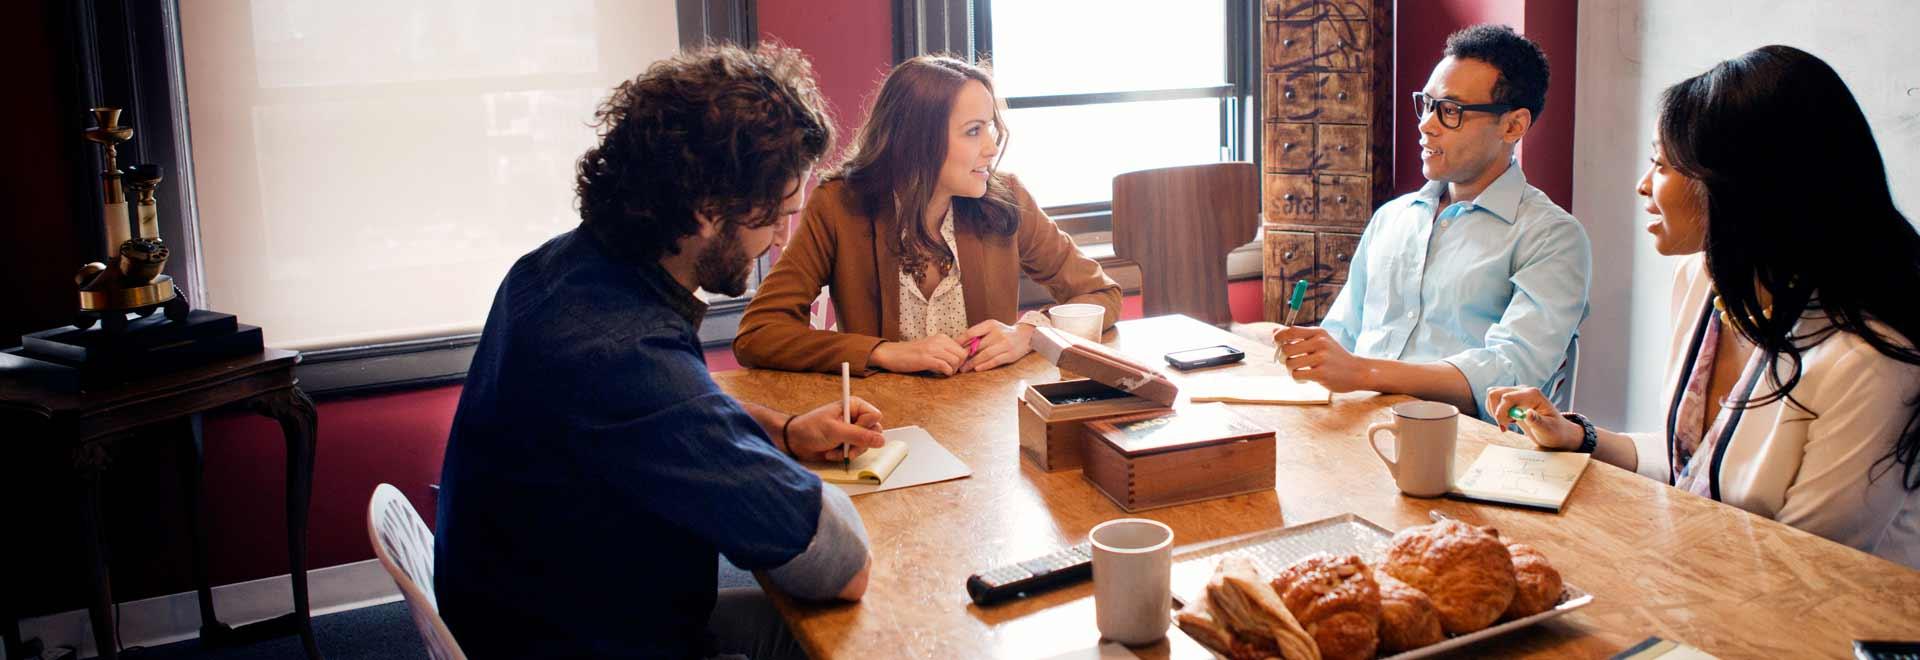 Neljä henkilöä työskentelee toimistossa ja käyttää Office 365 Enterprise E3:a.